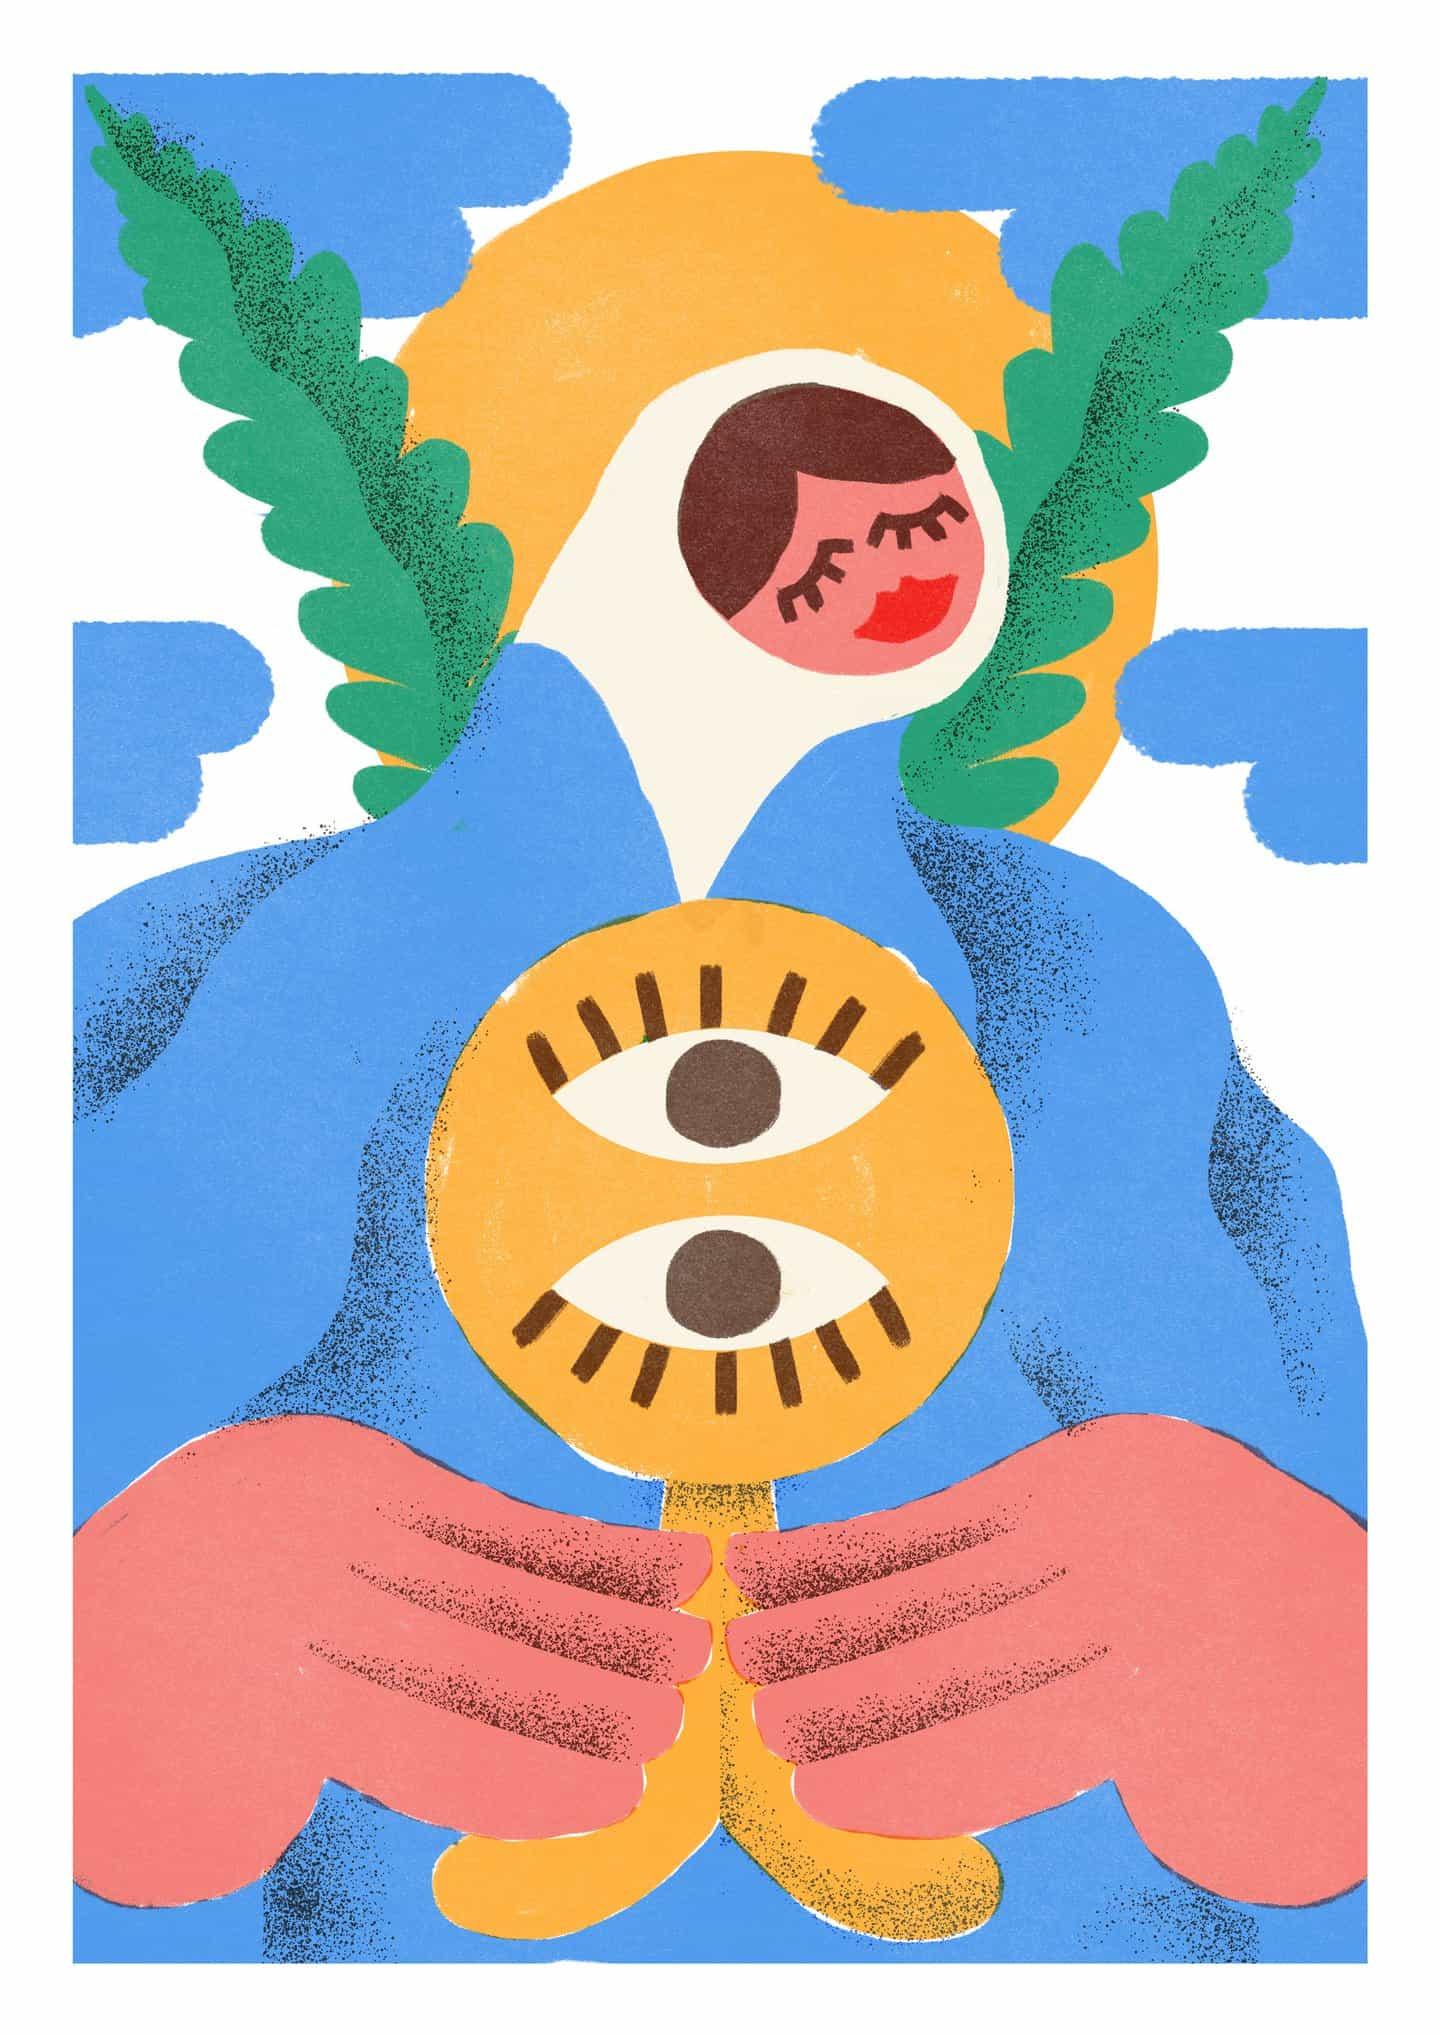 Las ilustraciones de Mantraste se basan en la cultura de su infancia en el Portugal rural